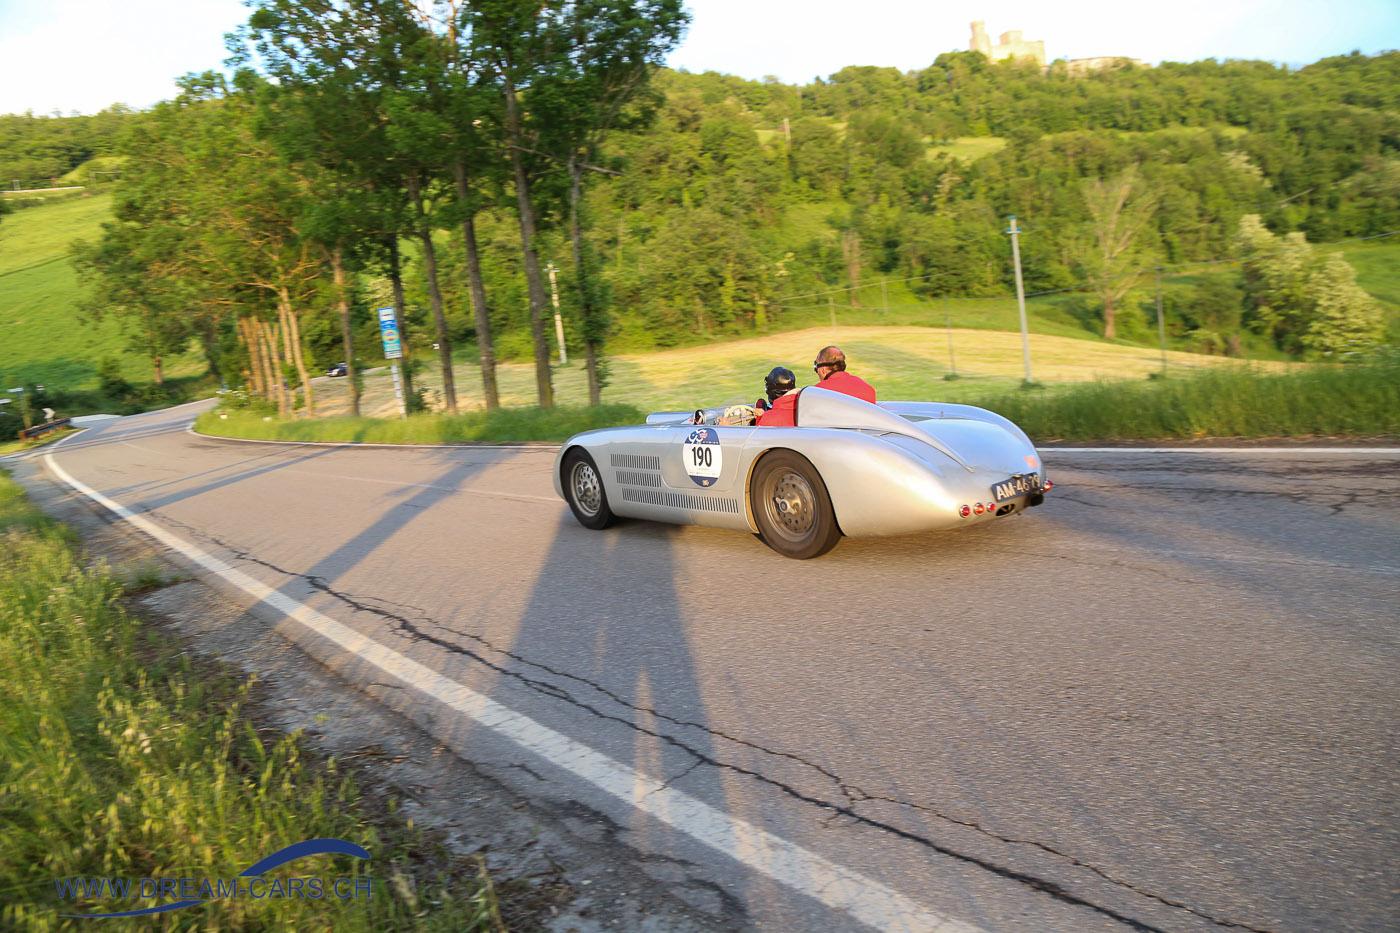 Mille Miglia 2017, 3. Tag Samstag, Etappe Rom - Parma. Der Veritas RS von 1949 in der Abendsonne bei Chiesa die Pratolino